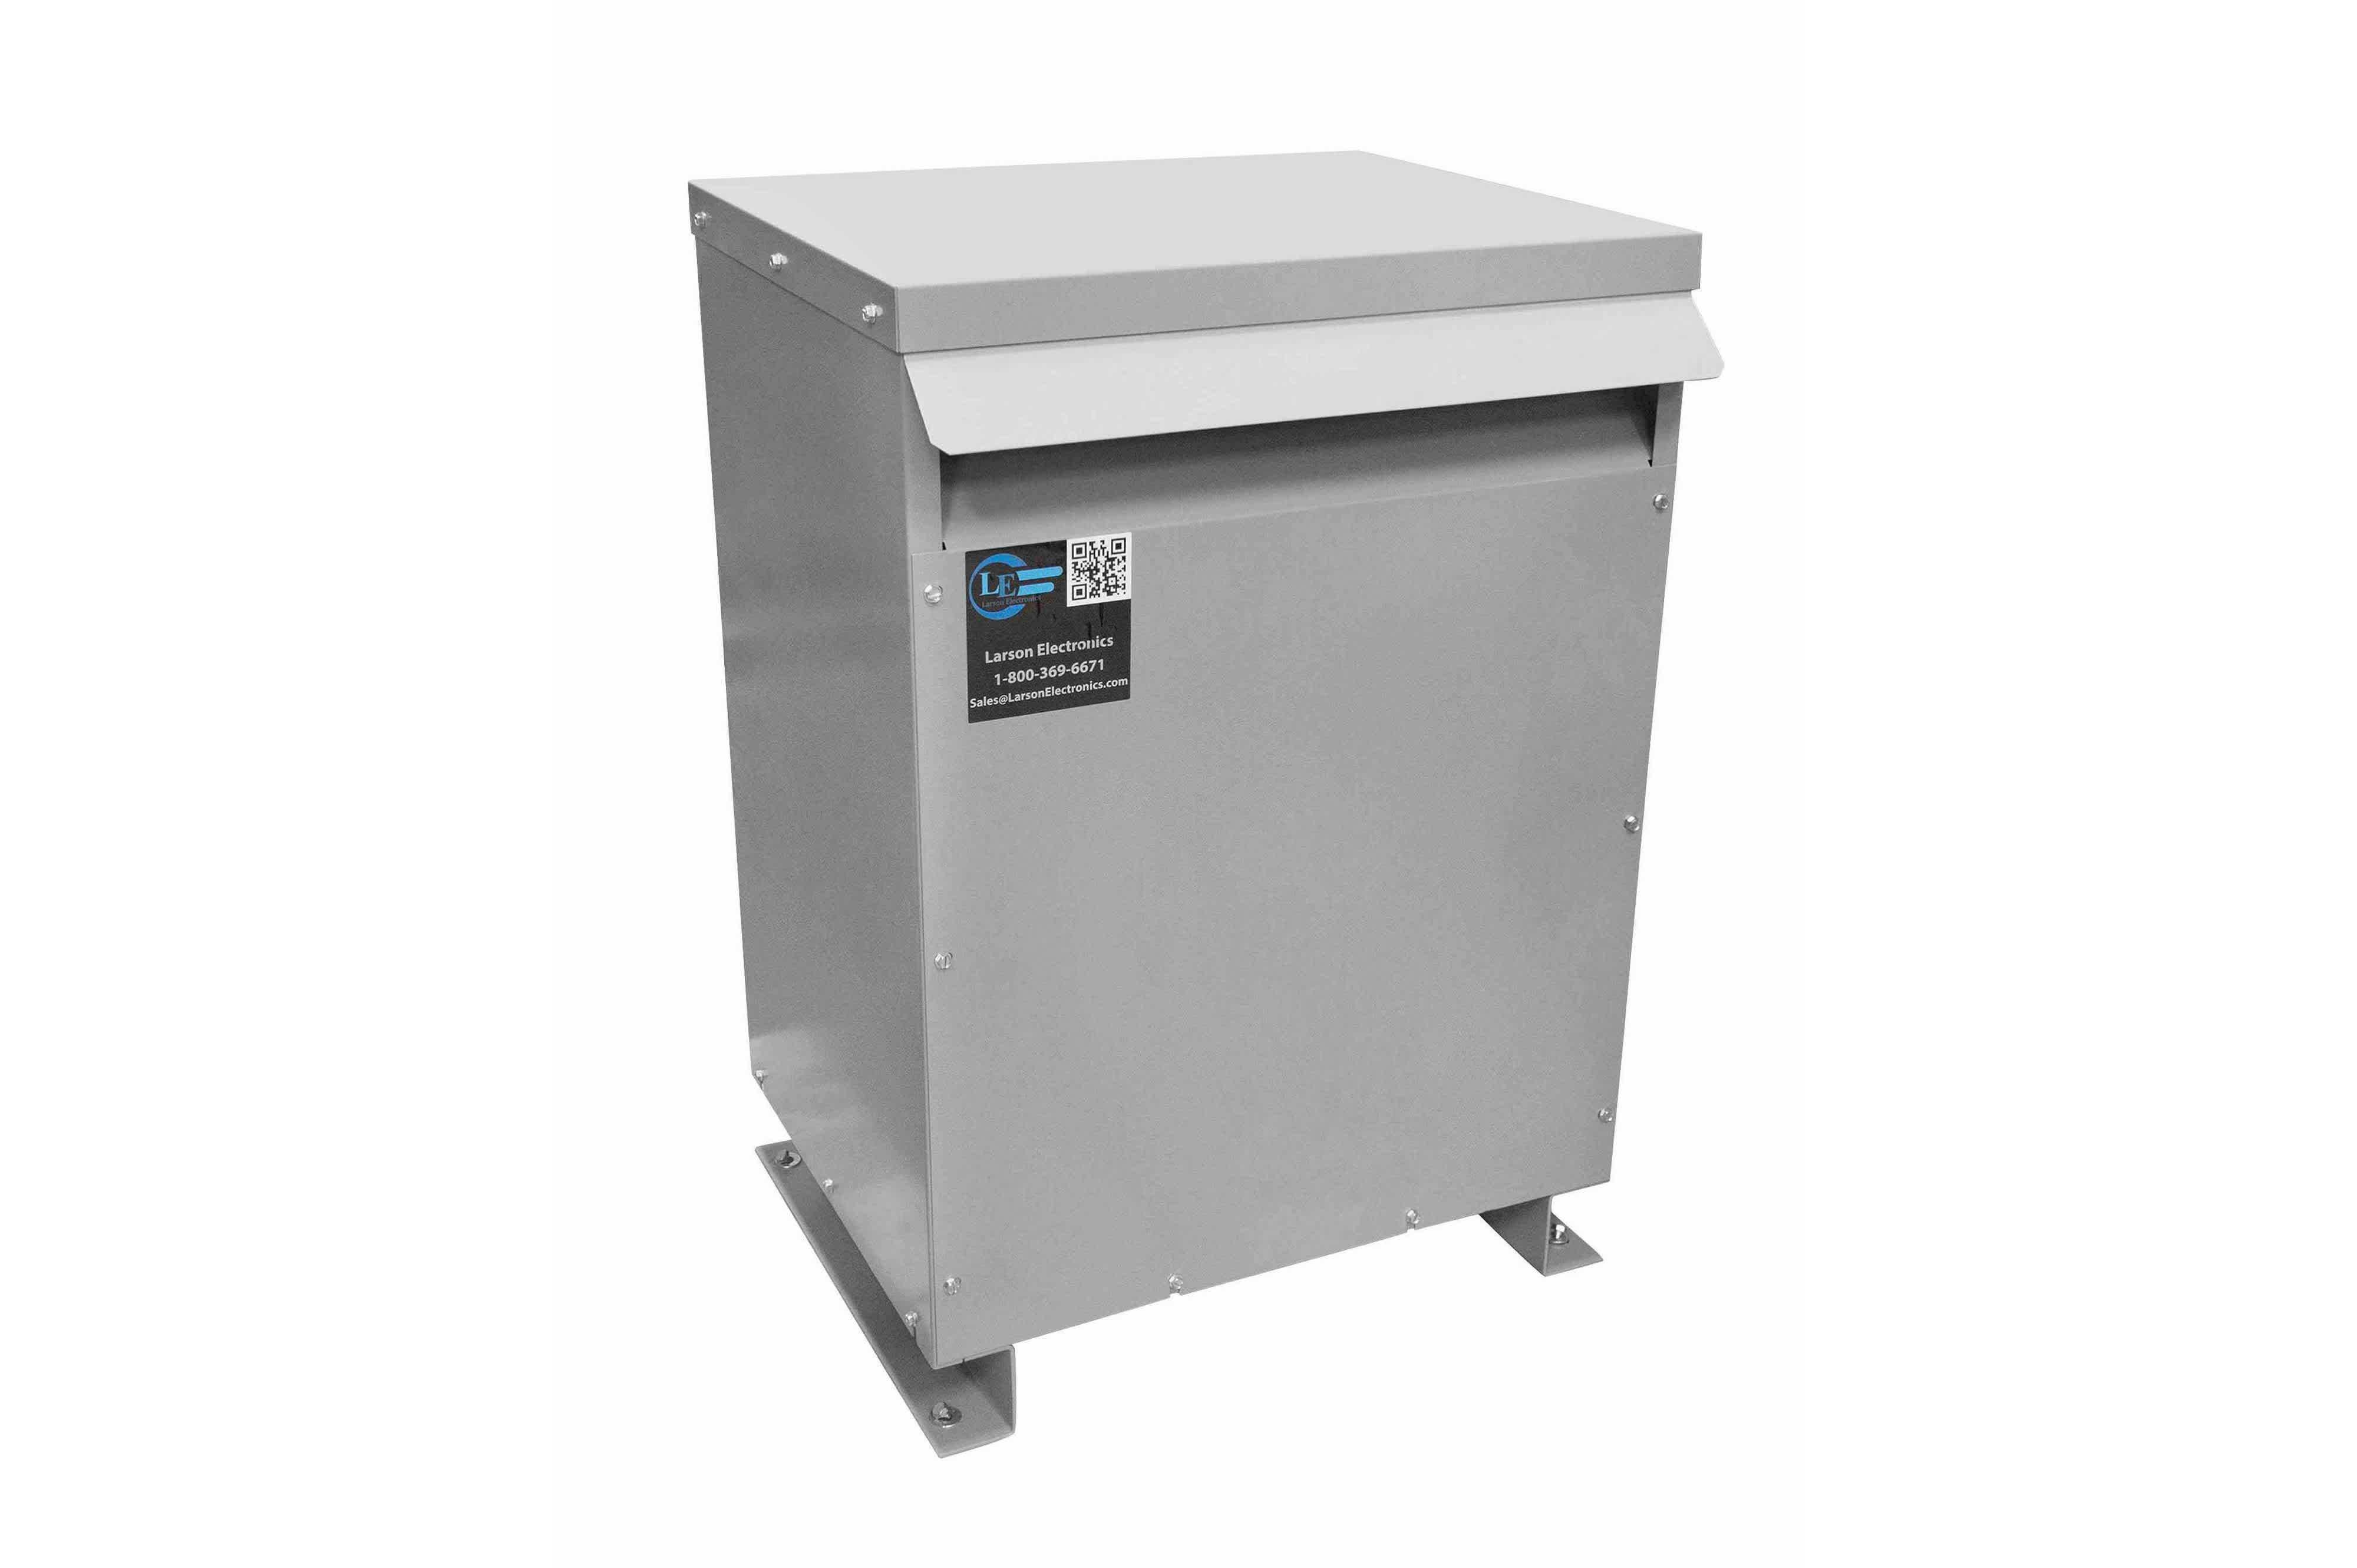 75 kVA 3PH Isolation Transformer, 208V Delta Primary, 380V Delta Secondary, N3R, Ventilated, 60 Hz